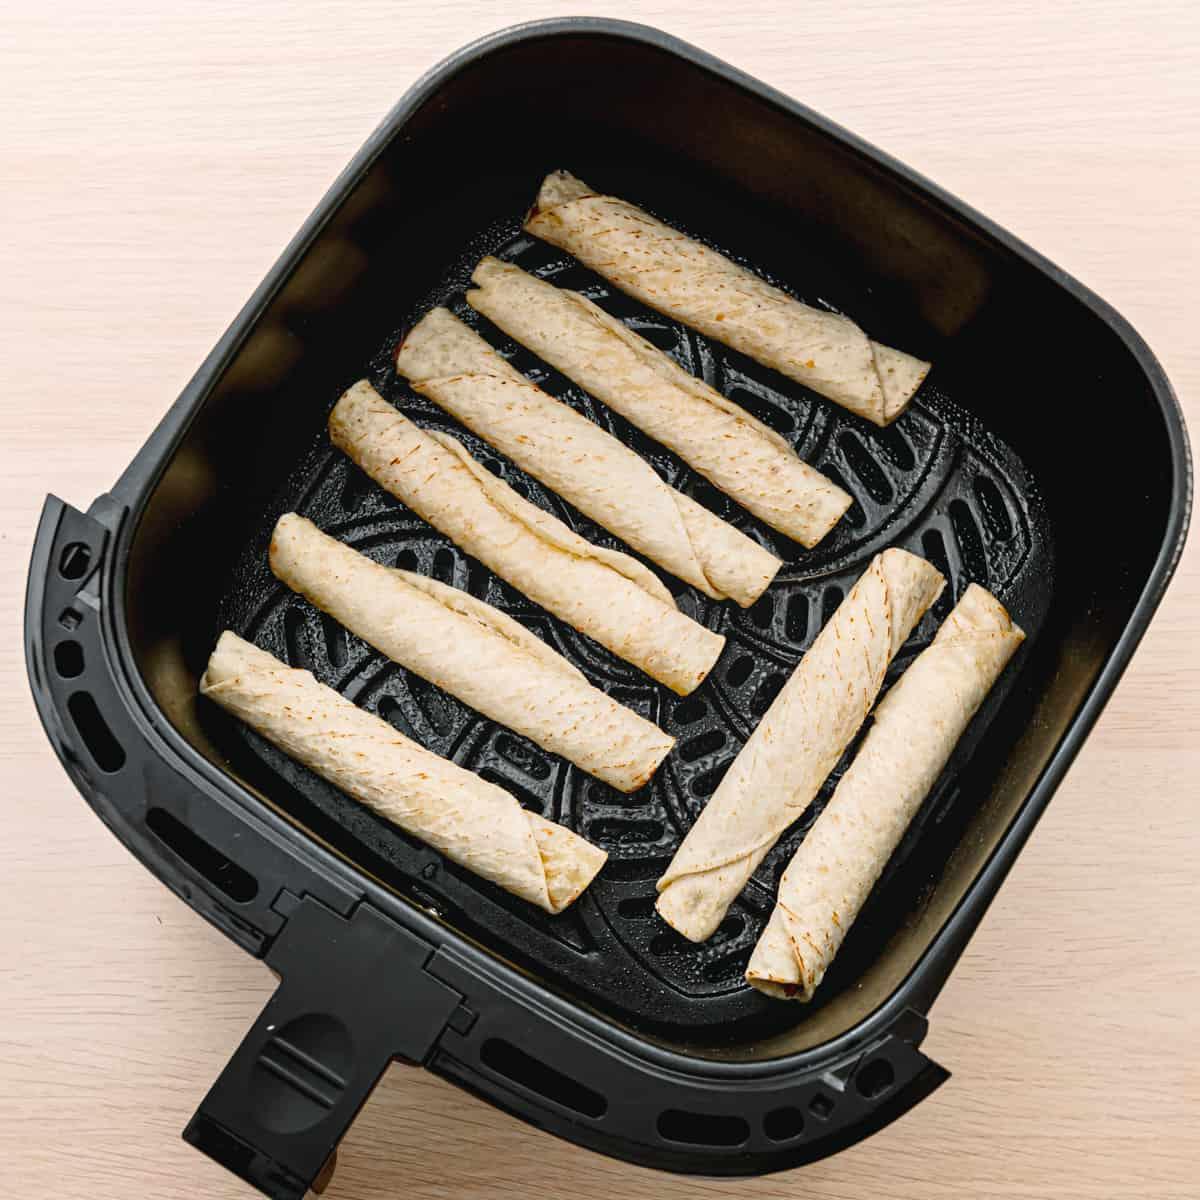 frozen taquitos in an air fryer.